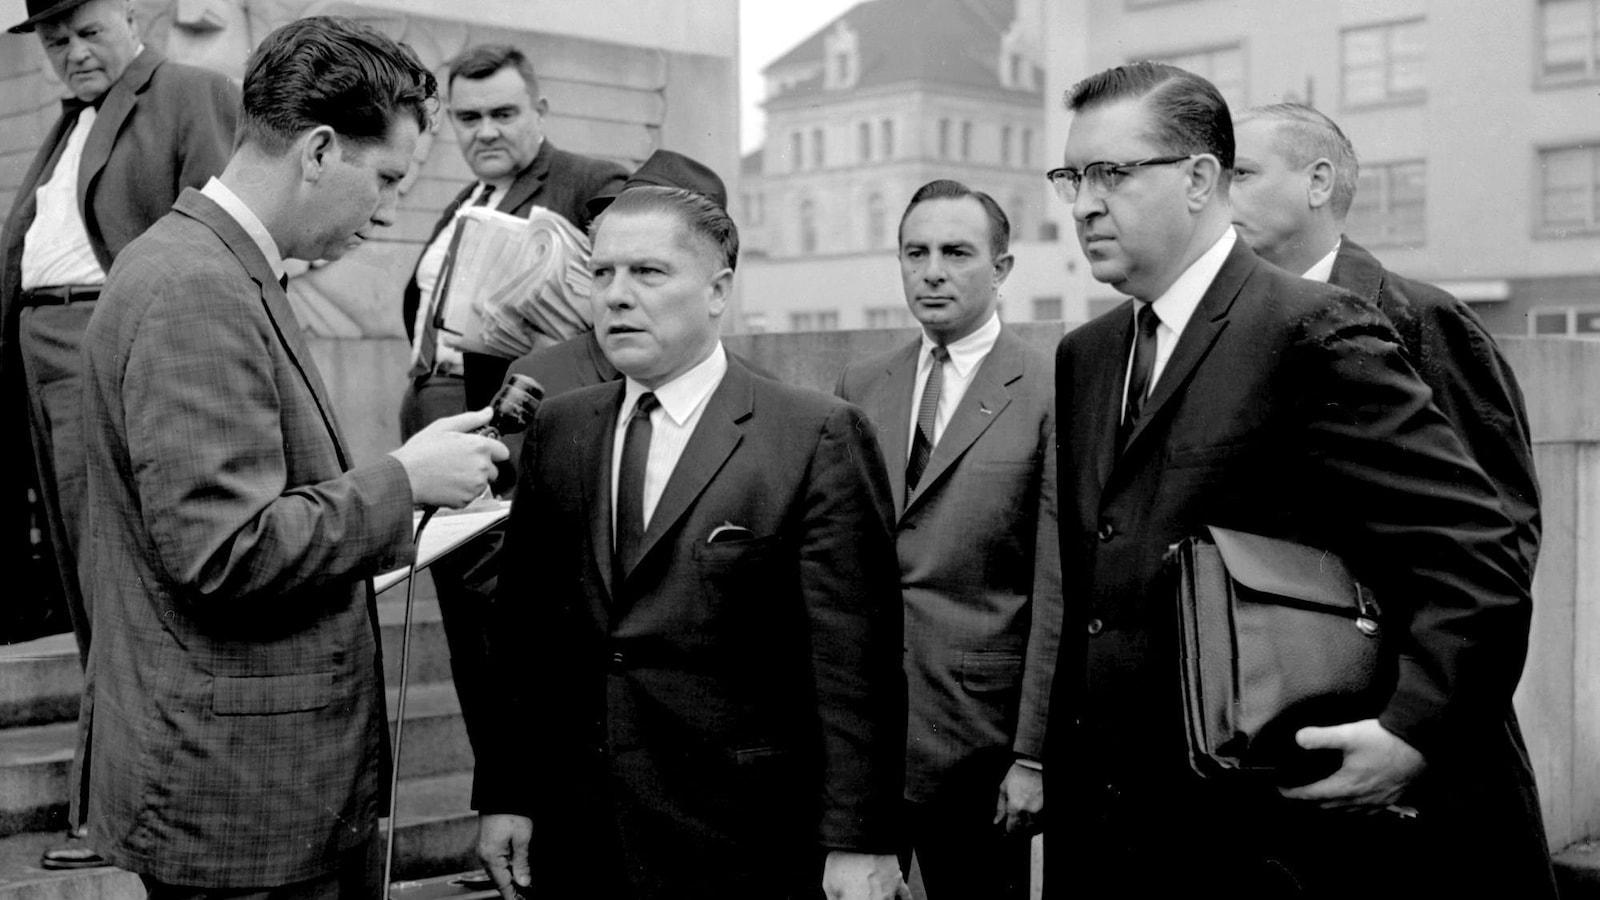 Un homme est interviewé par un journaliste qui tient un micro. Cinq autres hommes les entourent et les regardent.